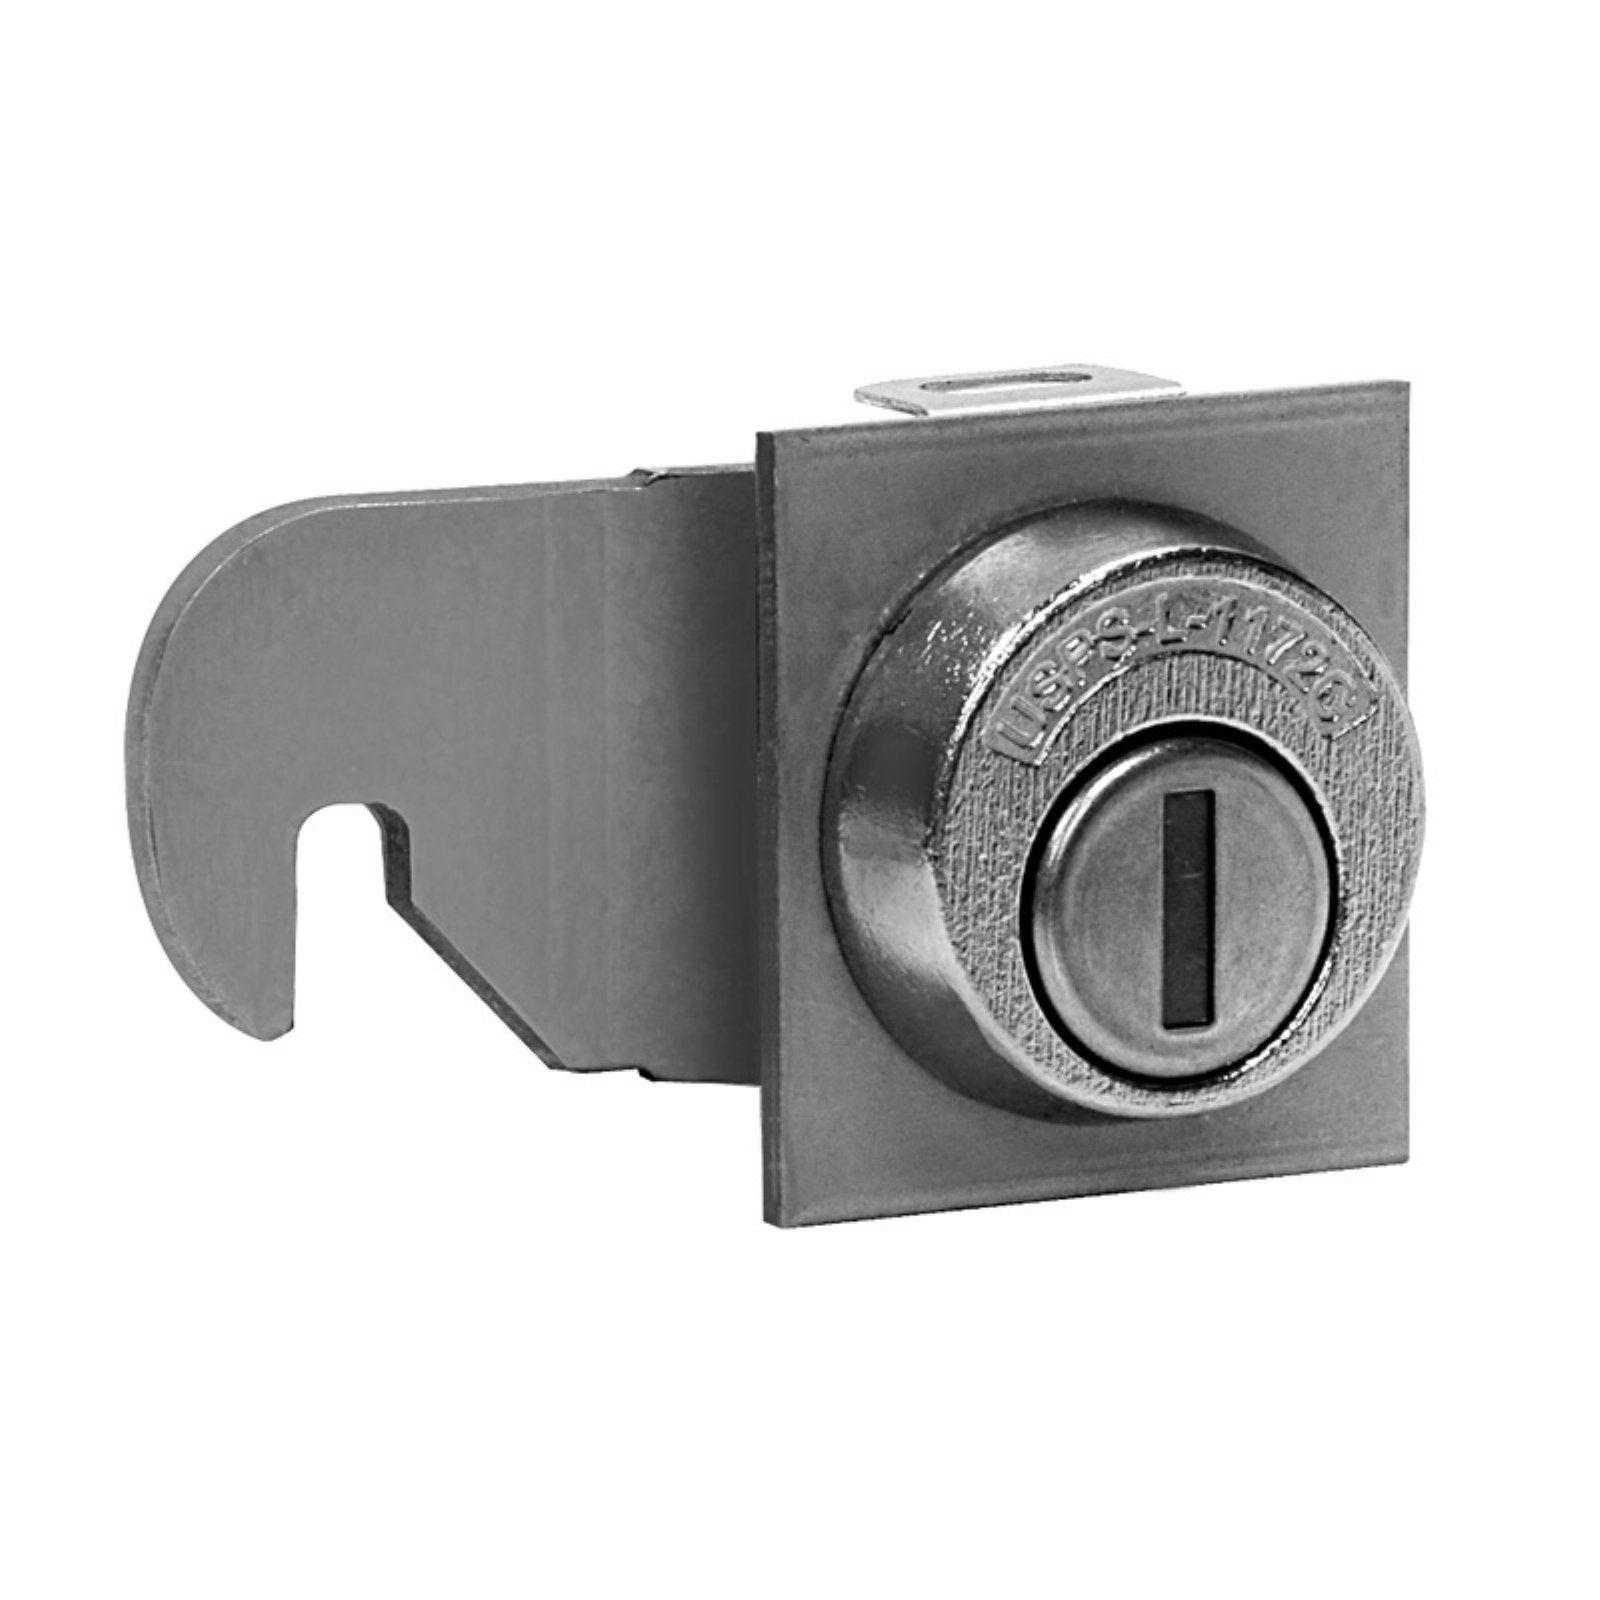 Salsbury Replacement Lock For 4c Horizontal Mailbox Door